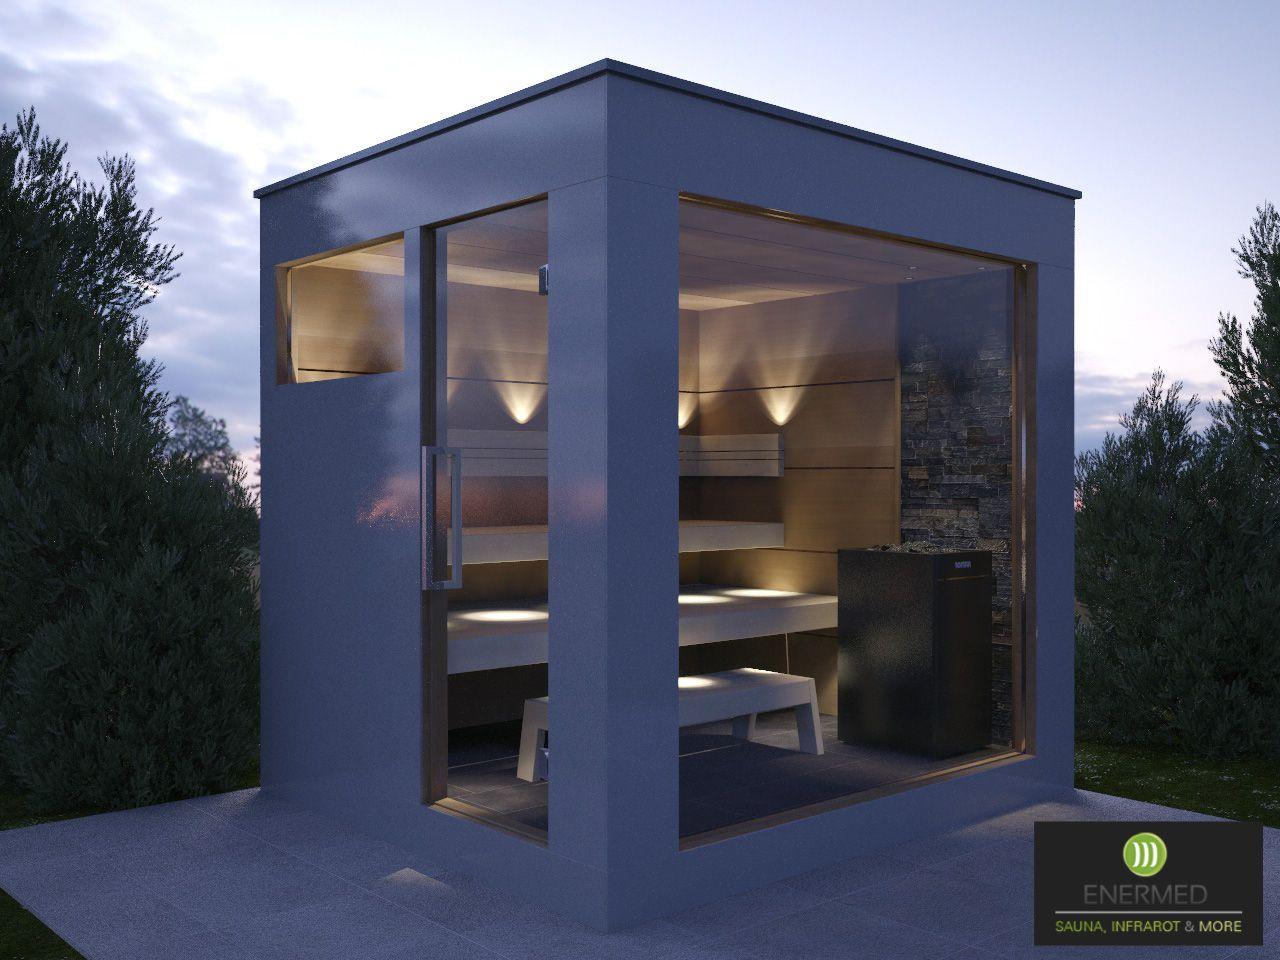 gartensauna outdoorsauna saunahaus sauna terrasse sauna im garten nach kundenwunsch. Black Bedroom Furniture Sets. Home Design Ideas